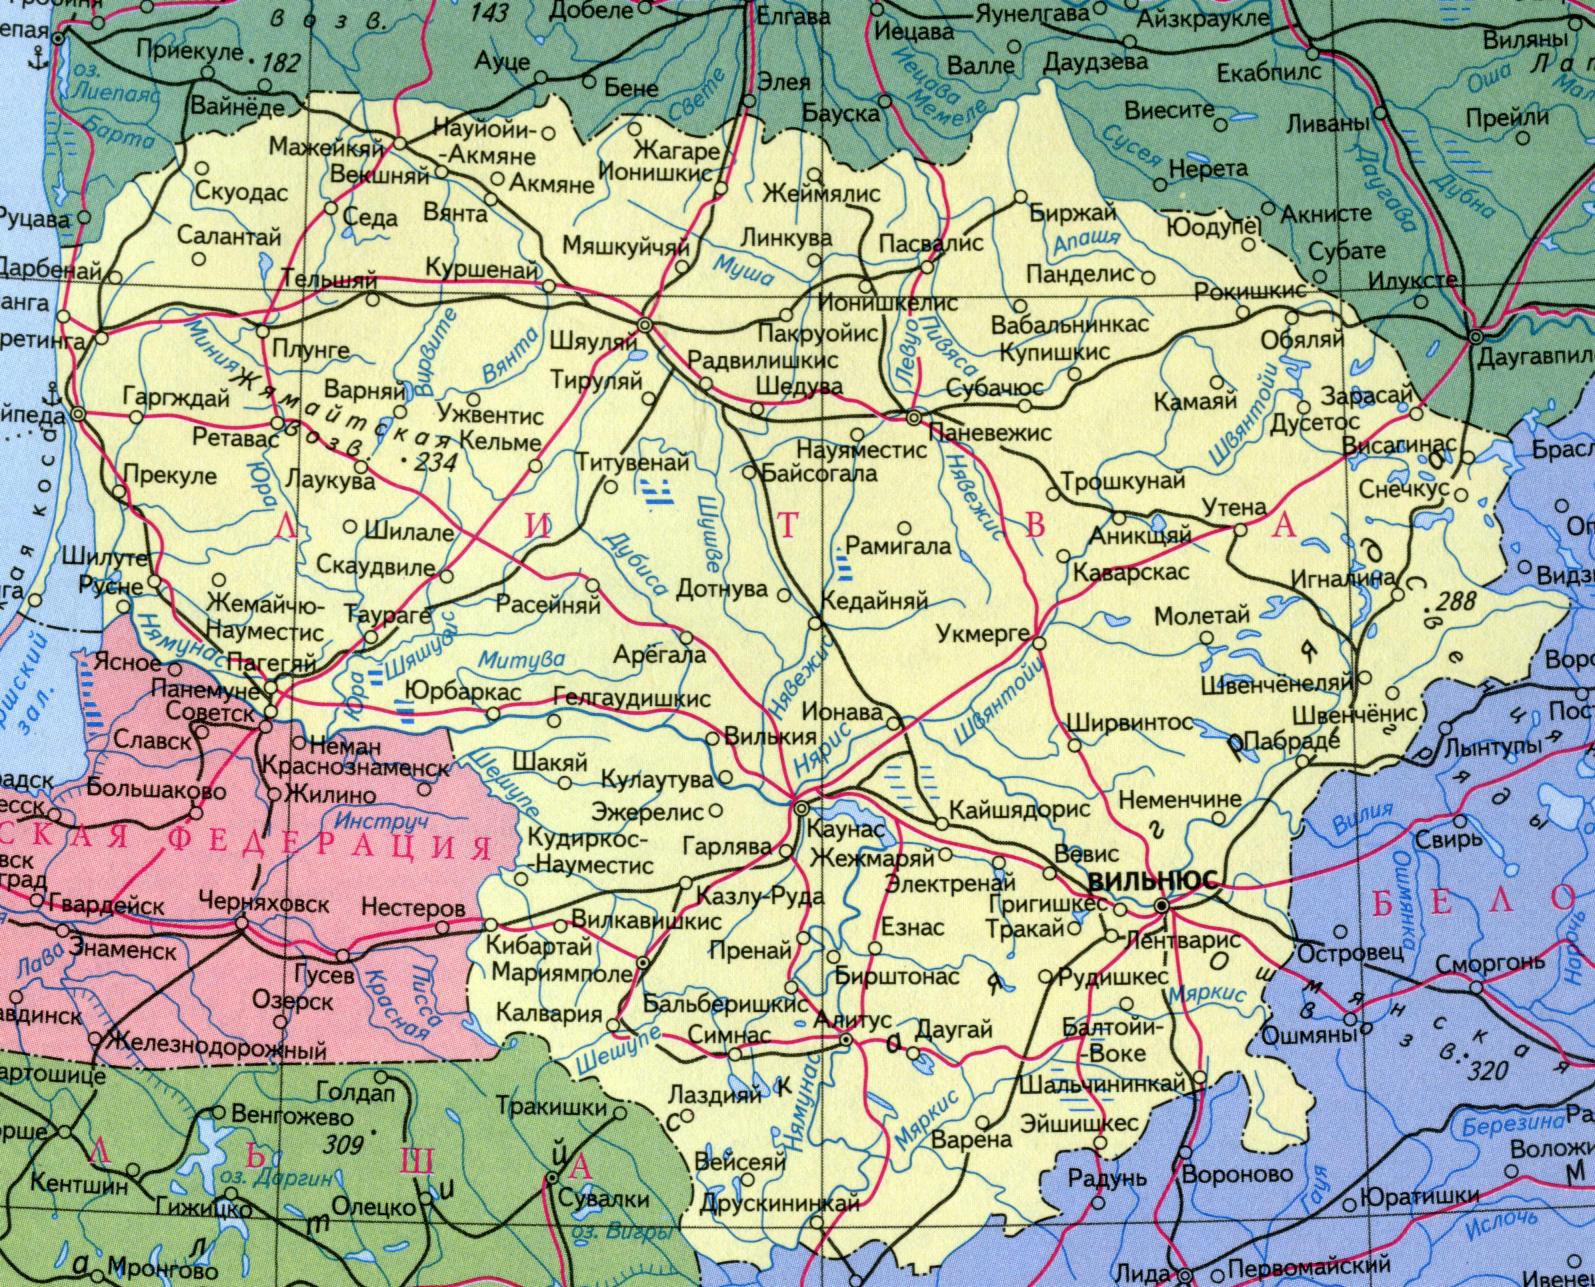 Карта литвы подробная карта